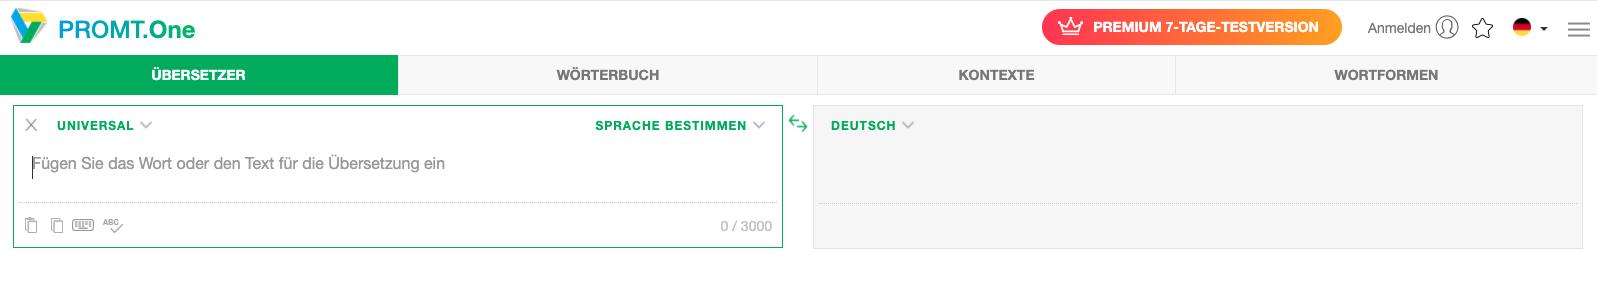 Die besten kostenlosen Tools für die Online-Übersetzung_prompt.one